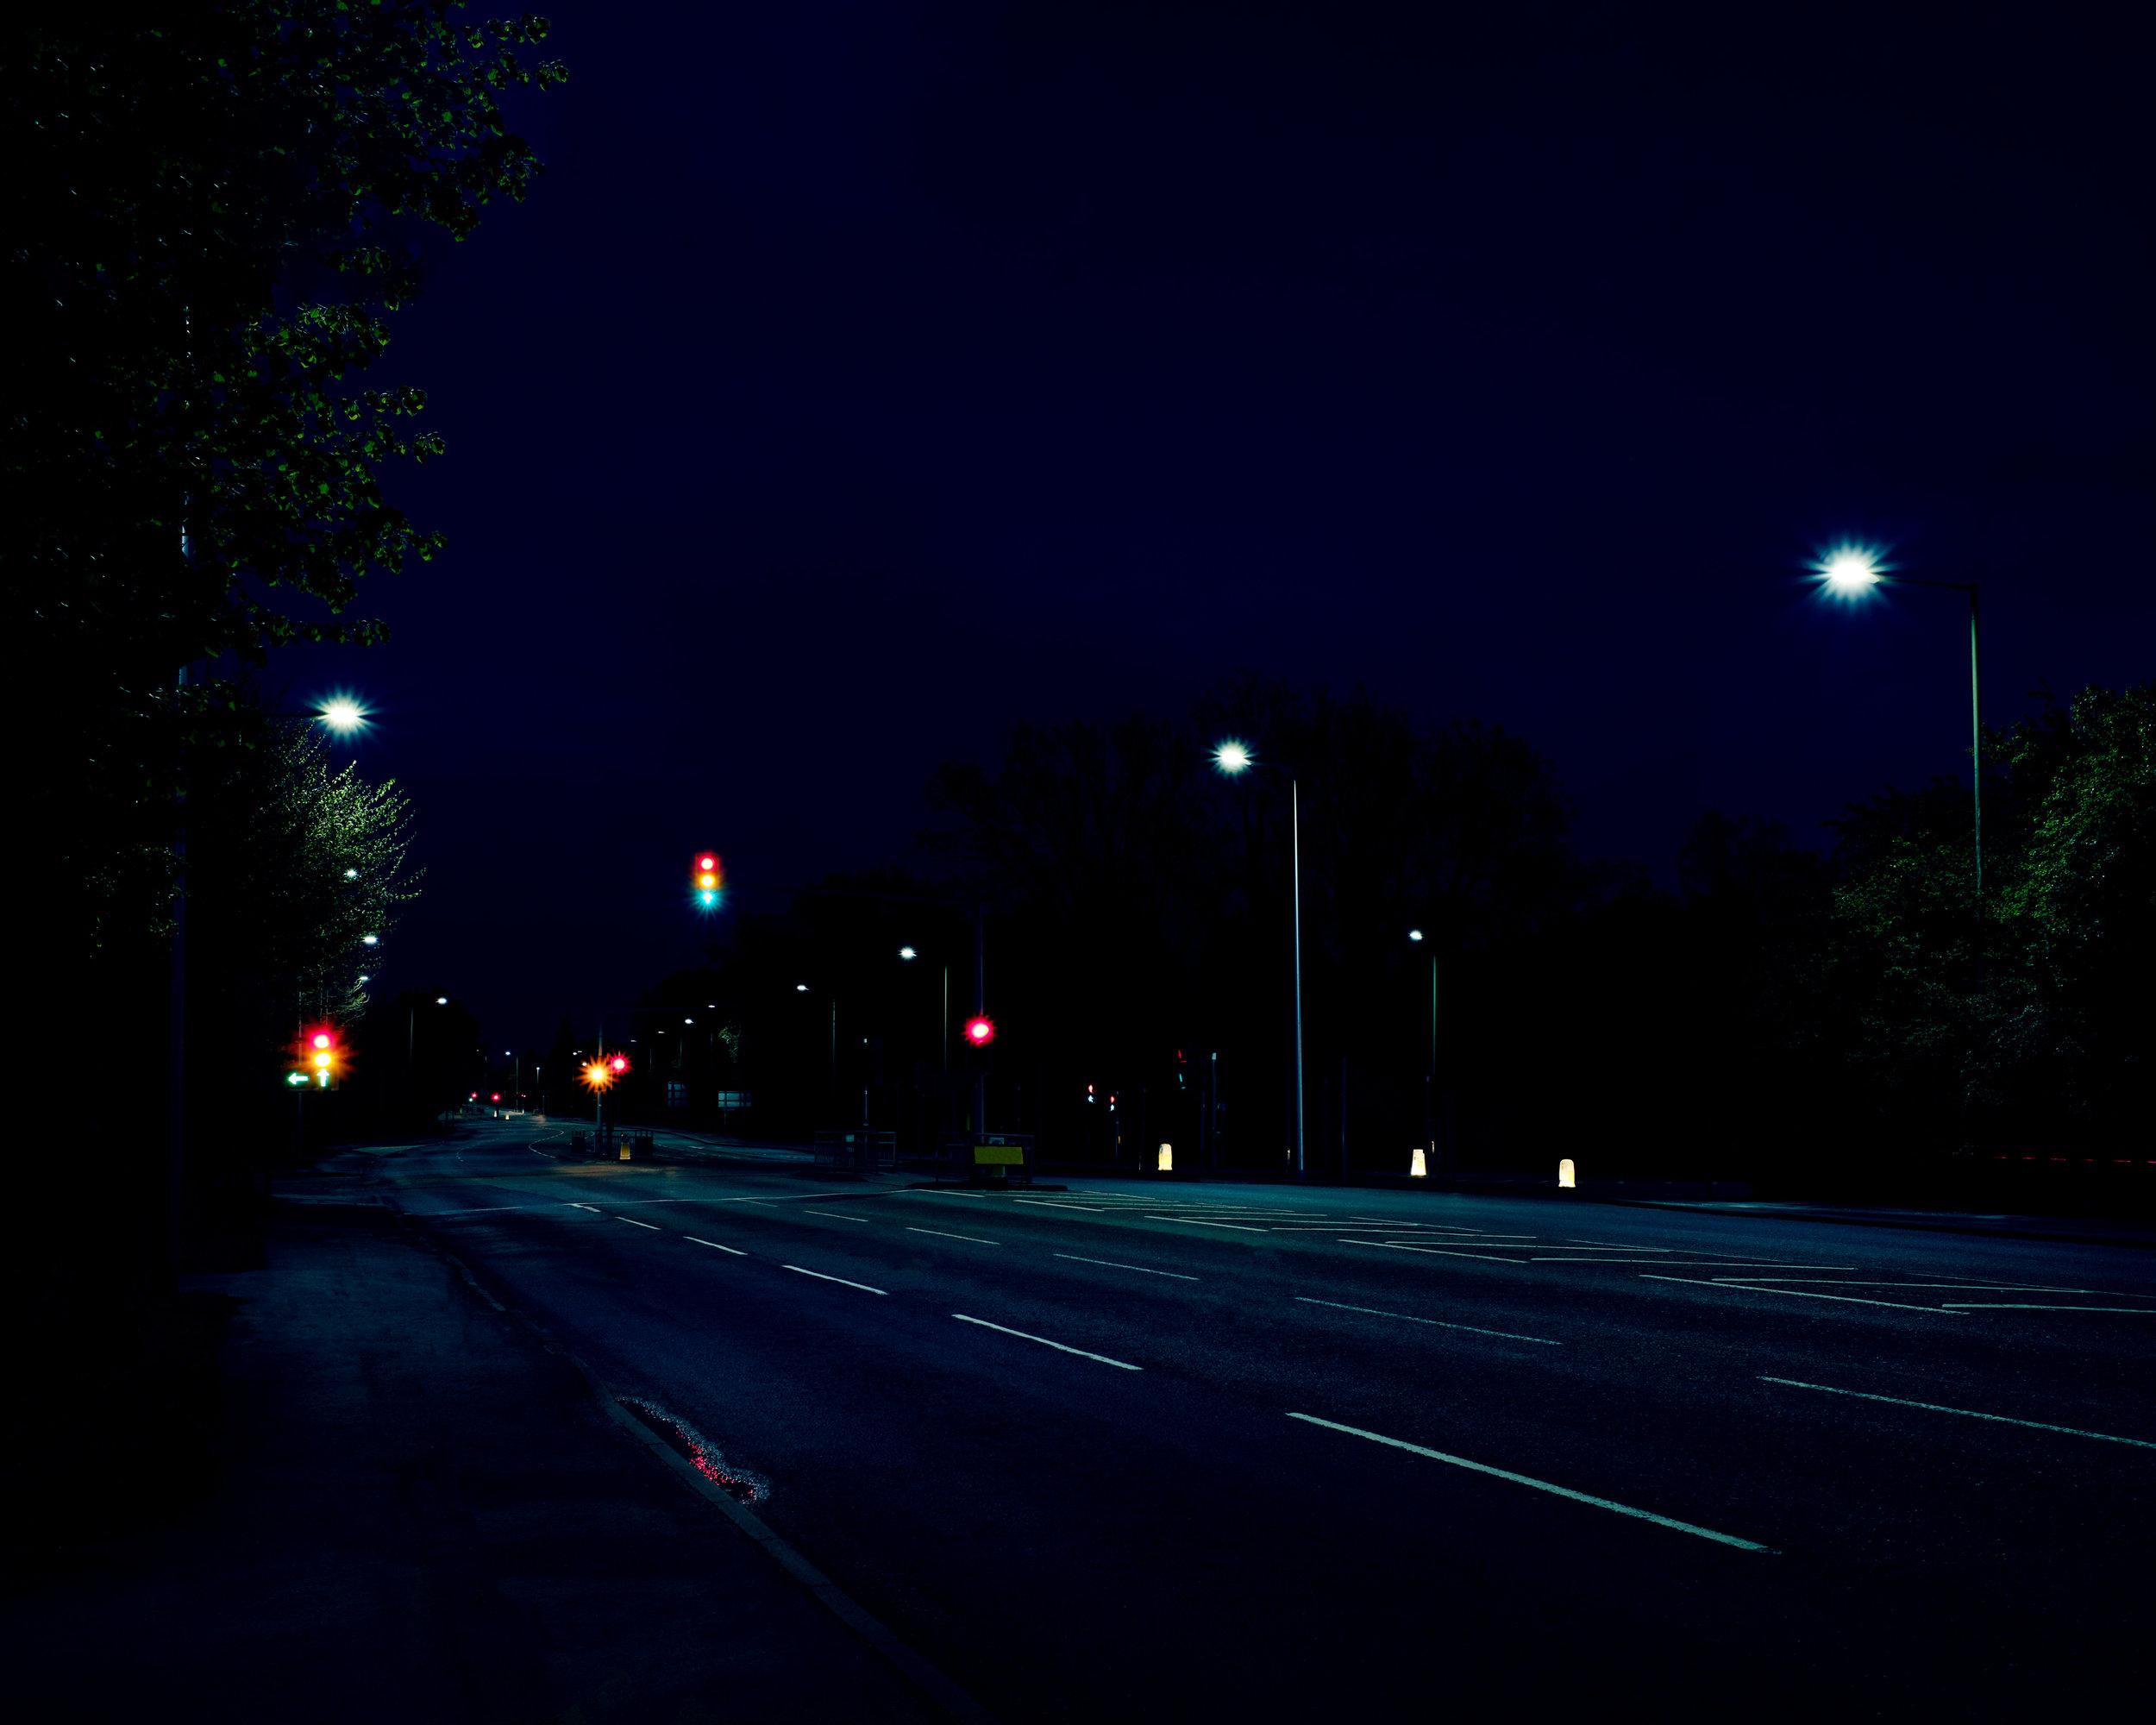 Mum - The A4 - Crossroads.jpg